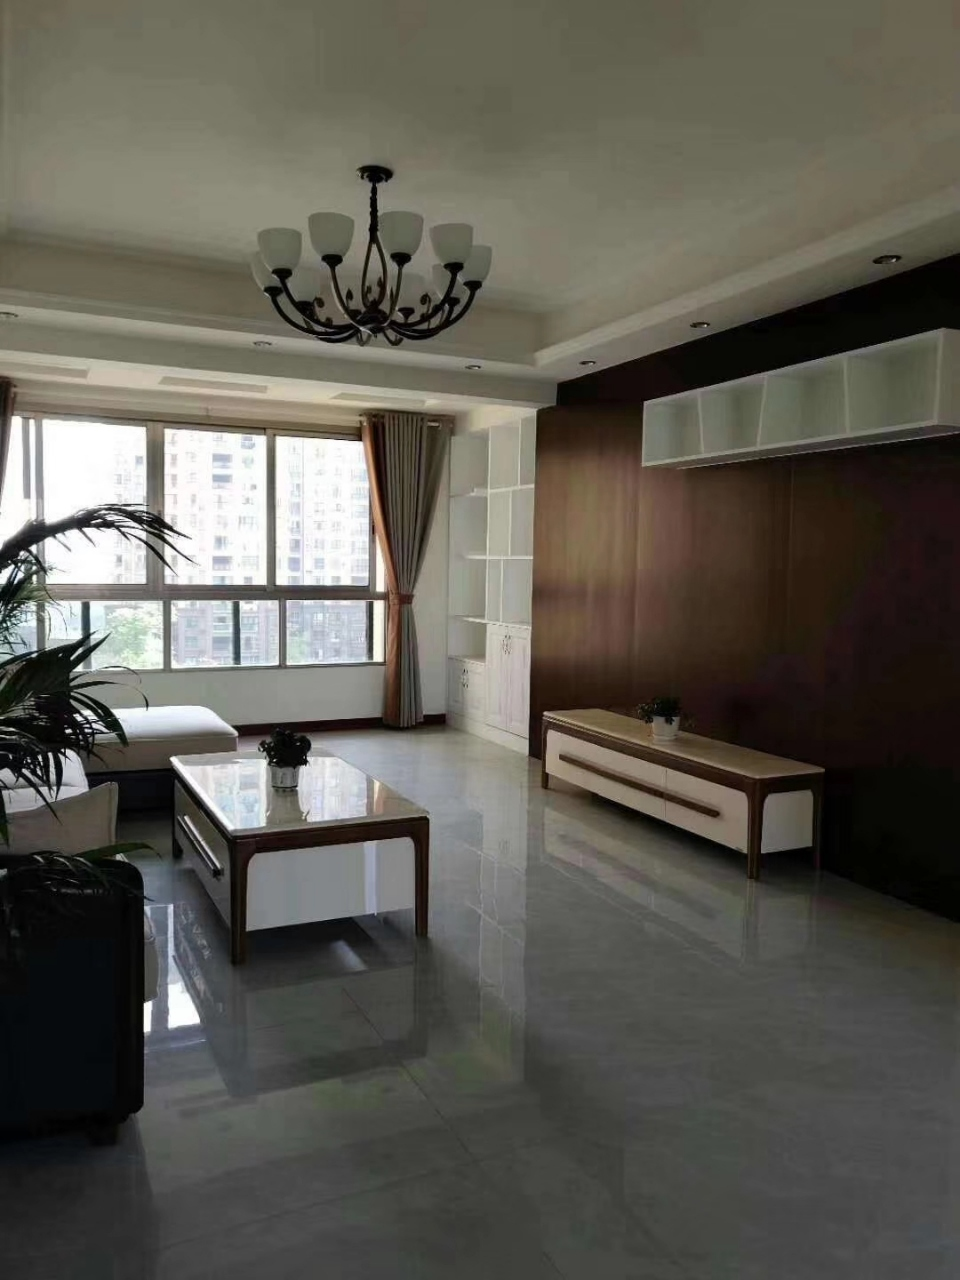 瑞祥·水岸城3室2厅2卫86万元